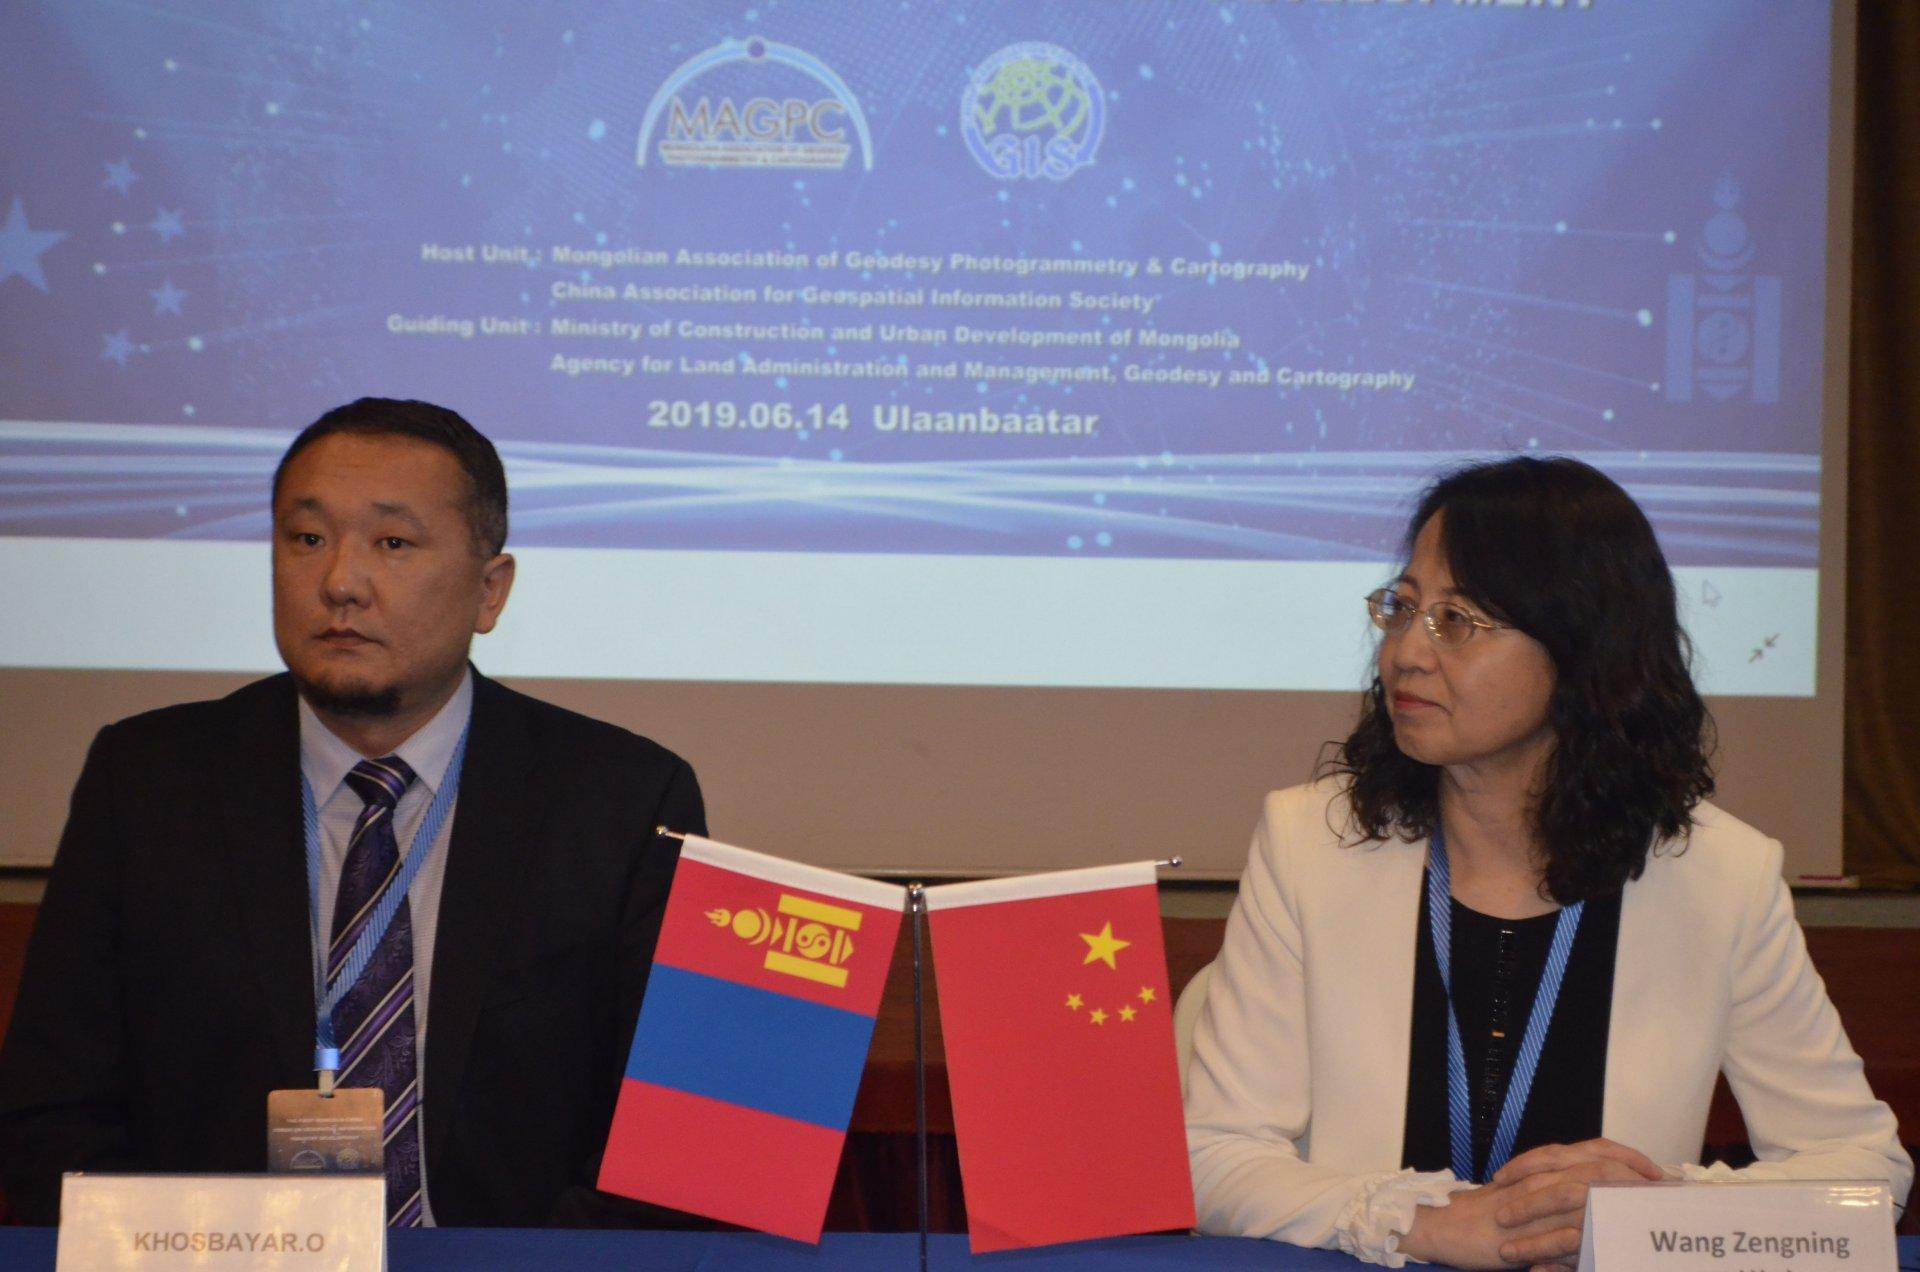 Монгол-Хятадын анхдугаар форум амжилттай зохион байгуулагдлаа